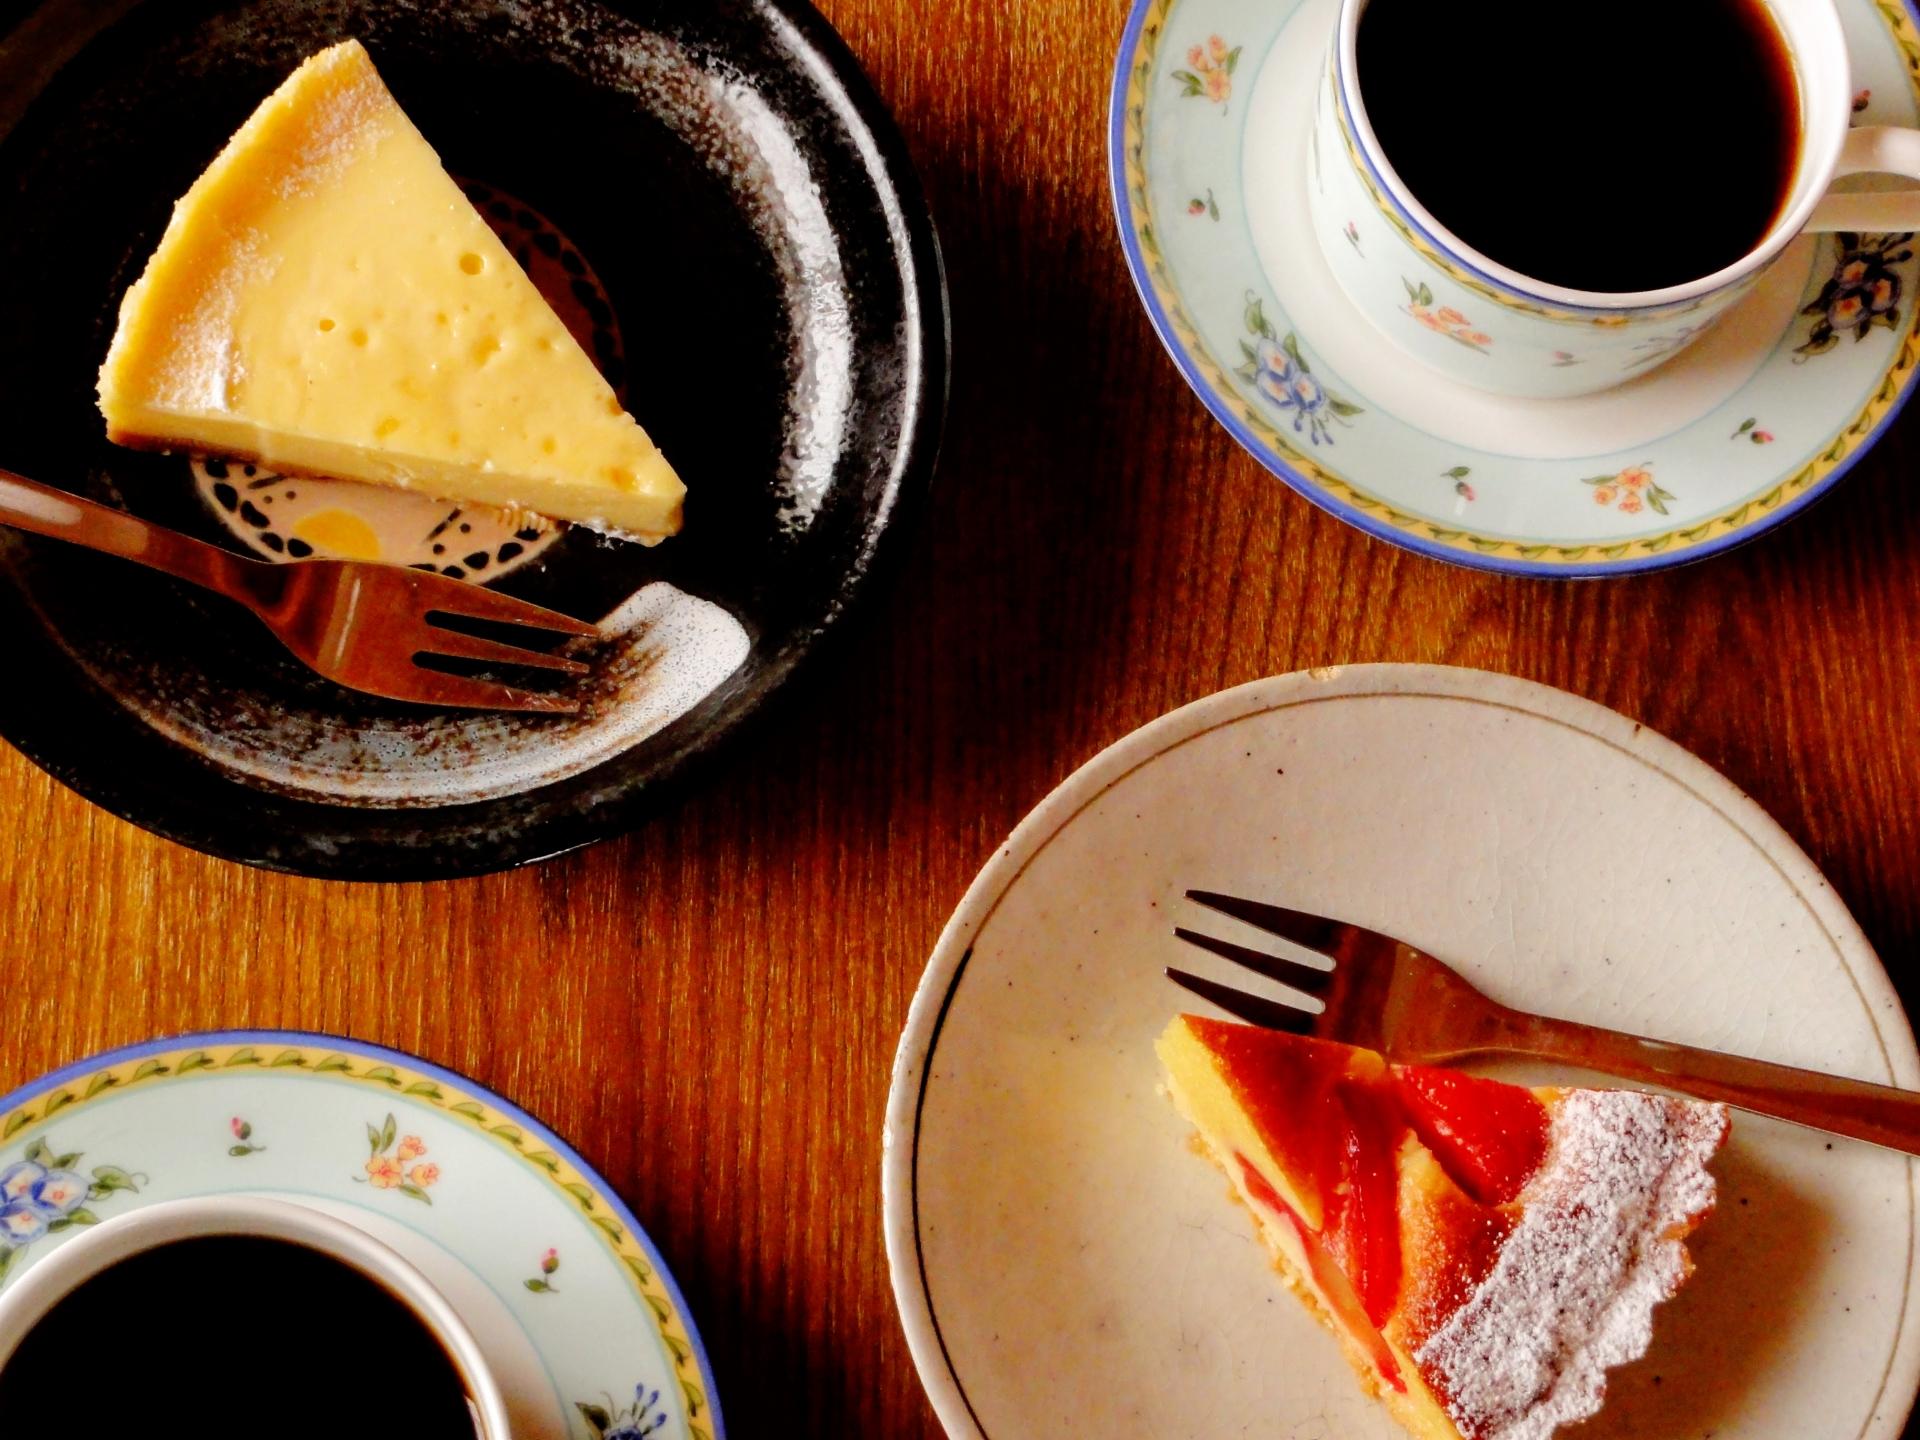 「ボンボン」は名古屋のレトロな純喫茶!人気のメニューは?